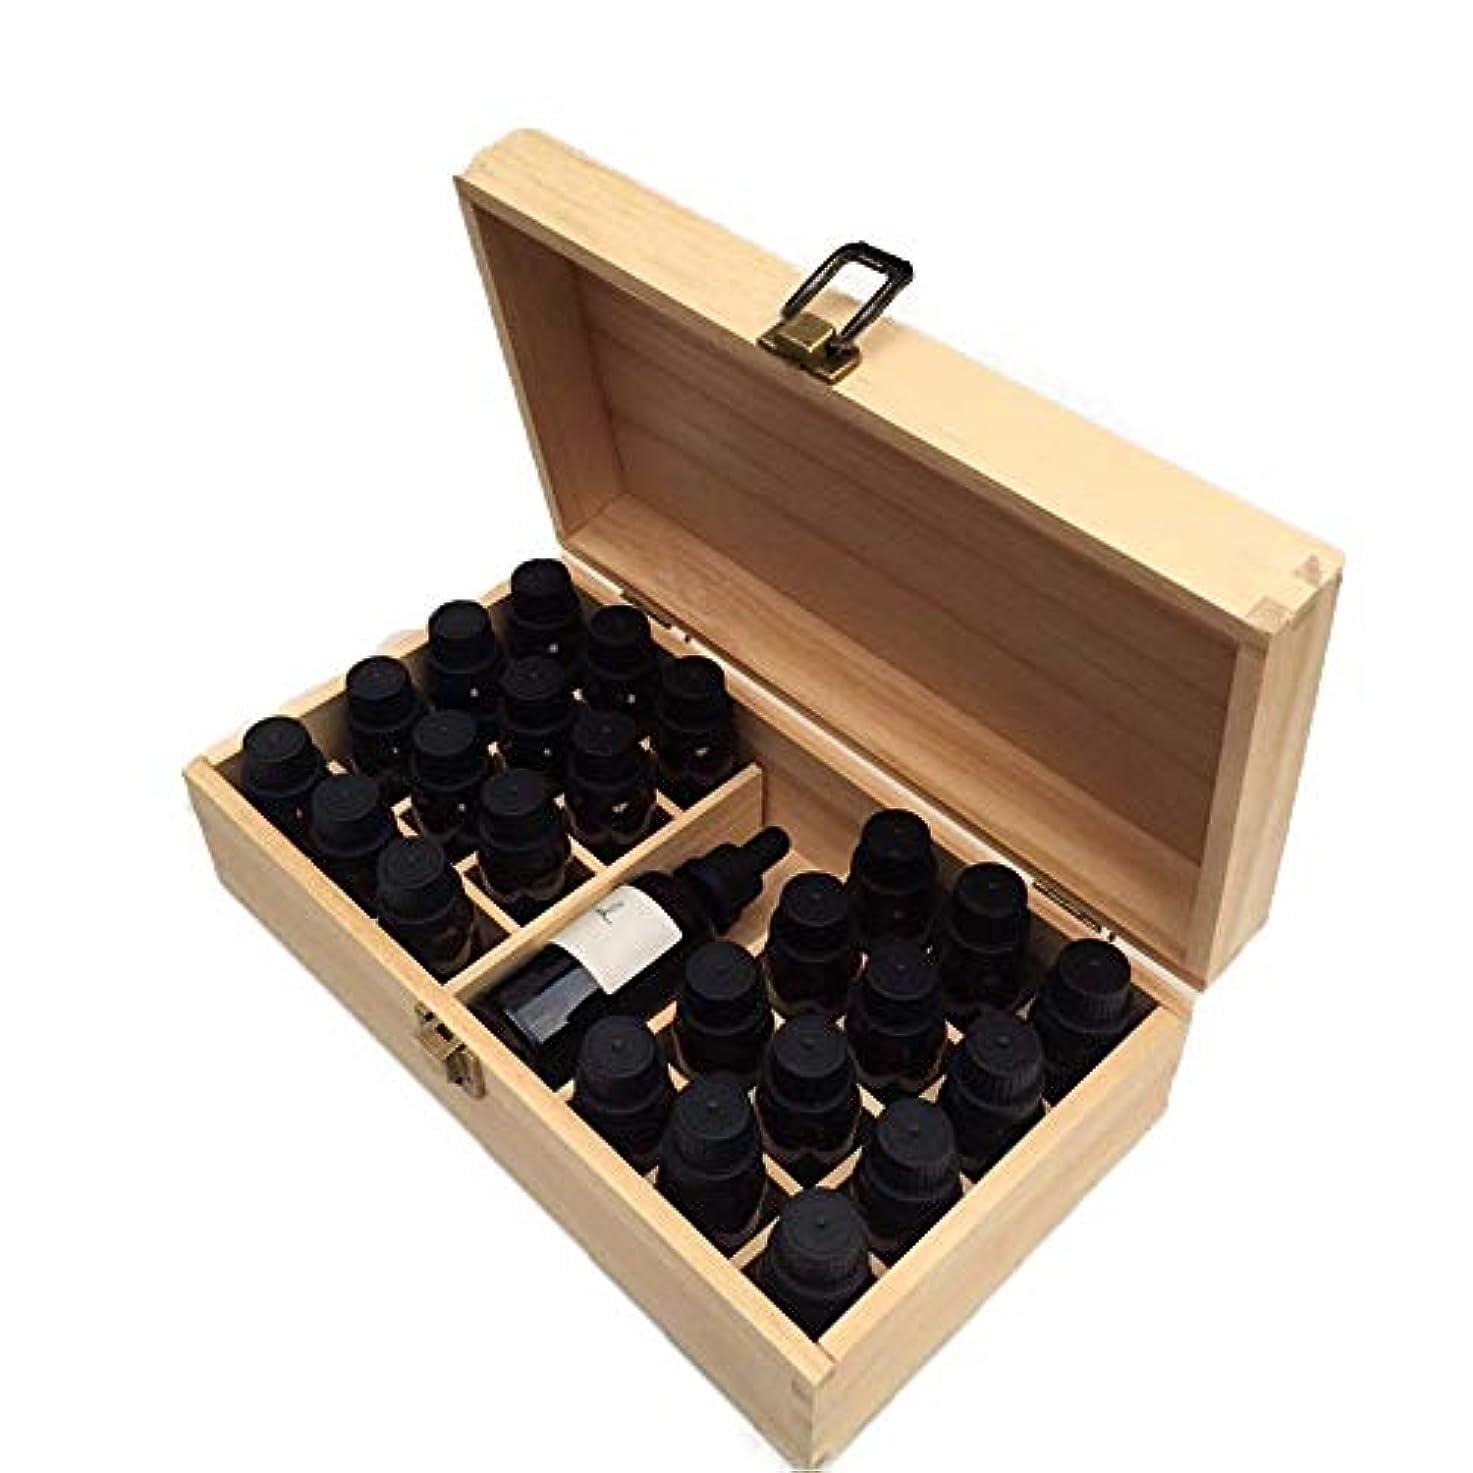 破滅的な降臨エイズエッセンシャルオイルボックス ハンドル付きの精油木製収納ボックスの25種類は、あなたの油のセキュリティを維持するのが最善です アロマセラピー収納ボックス (色 : Natural, サイズ : 27X15X9CM)